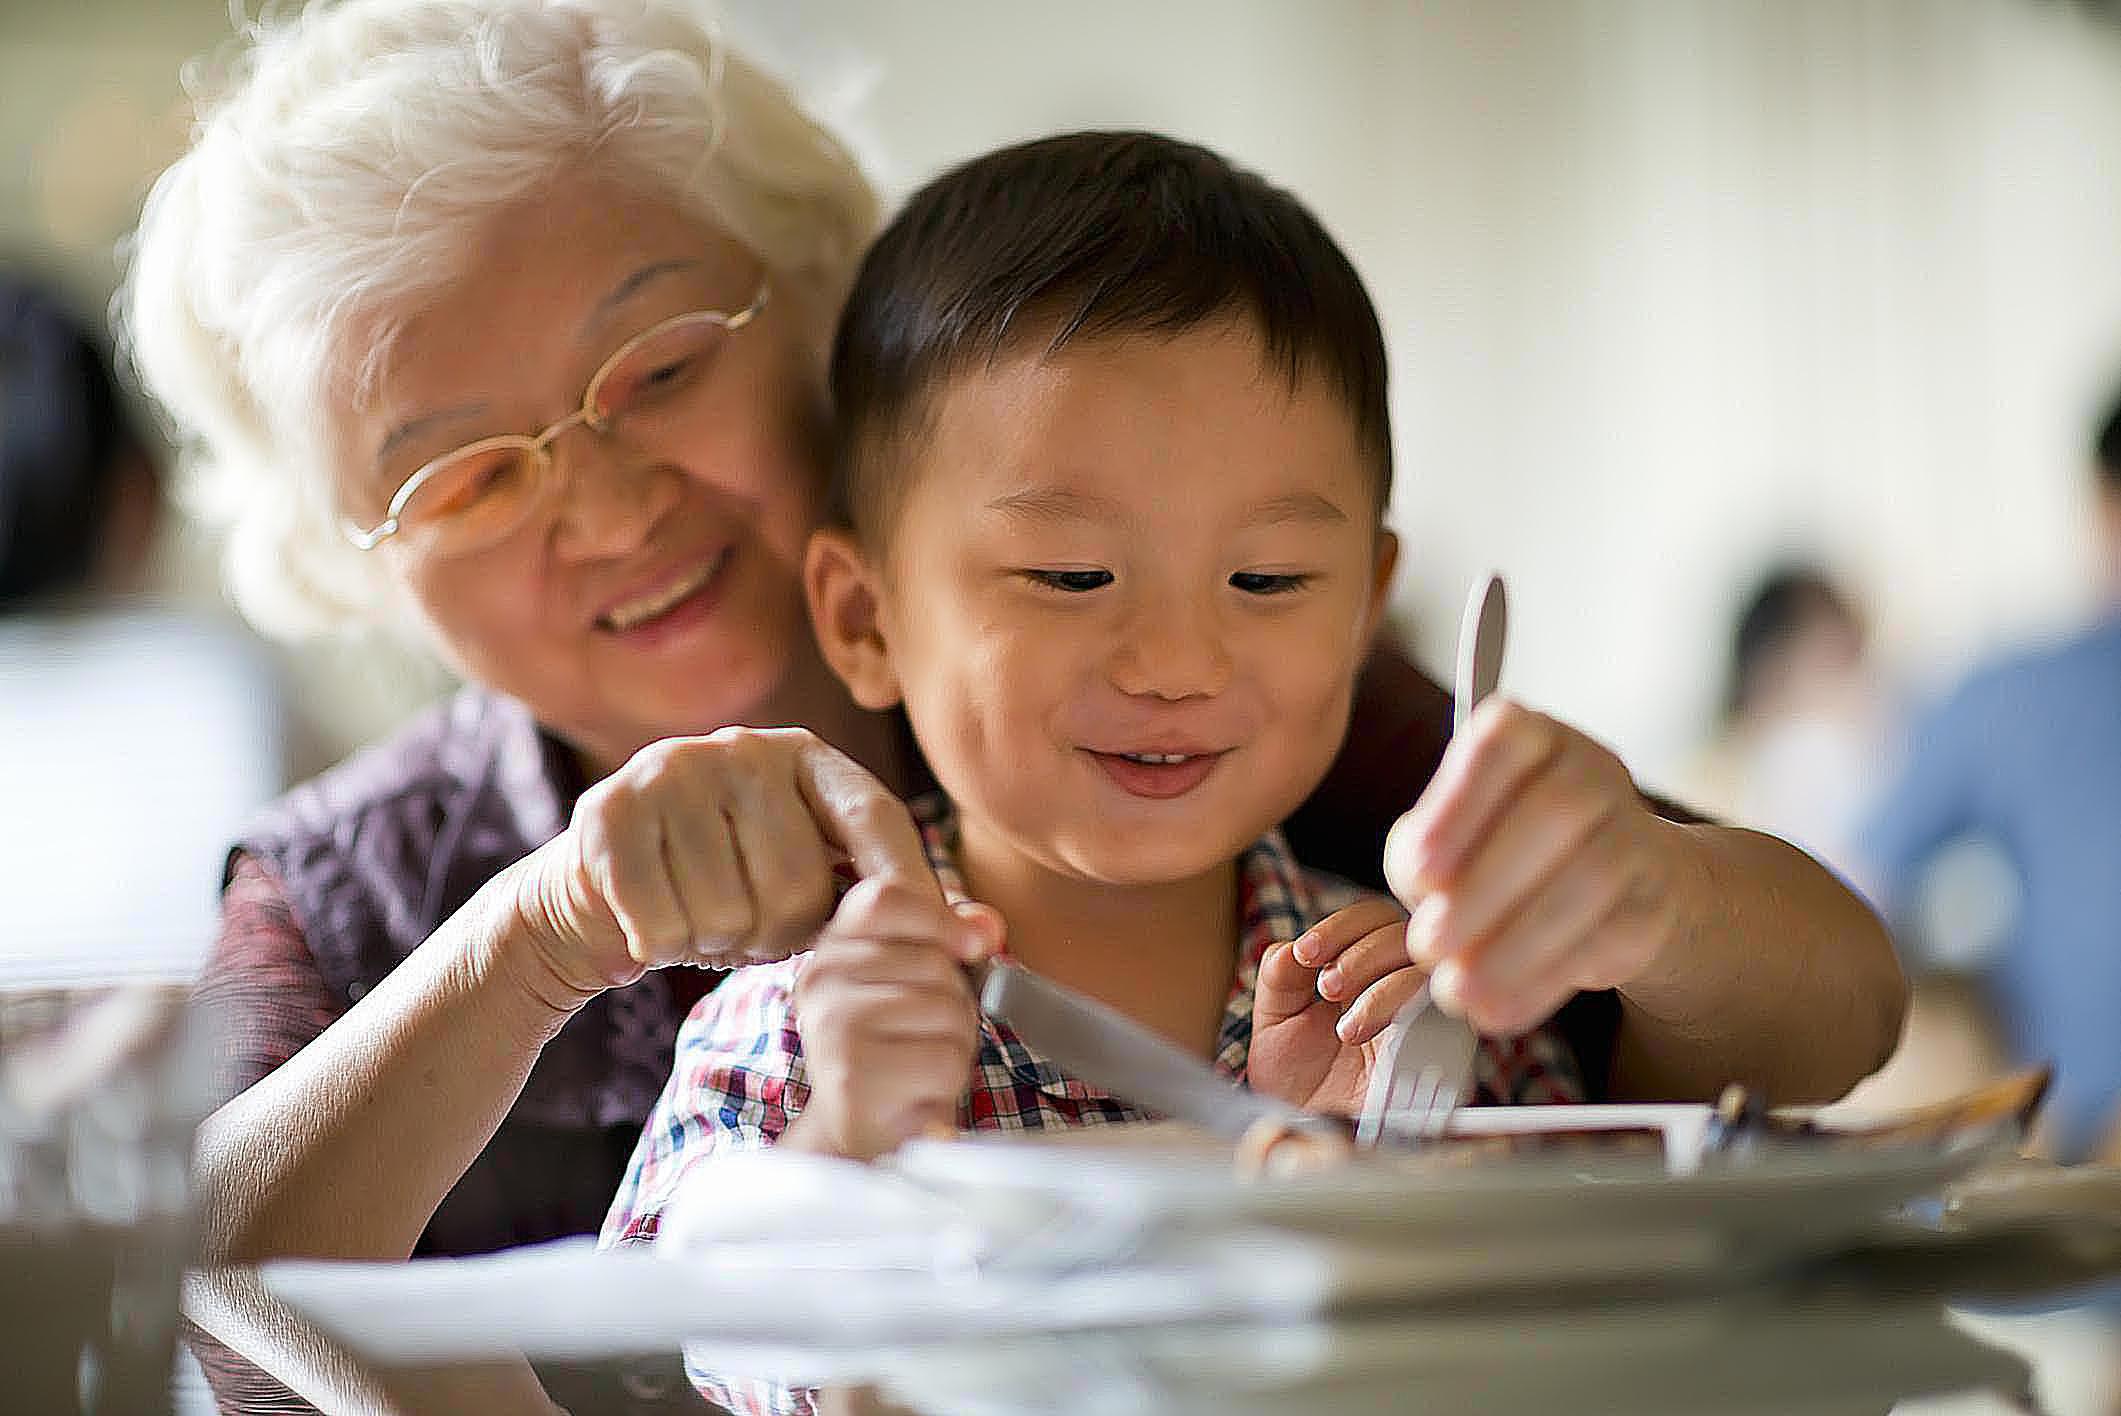 Can Children Live in Senior Housing